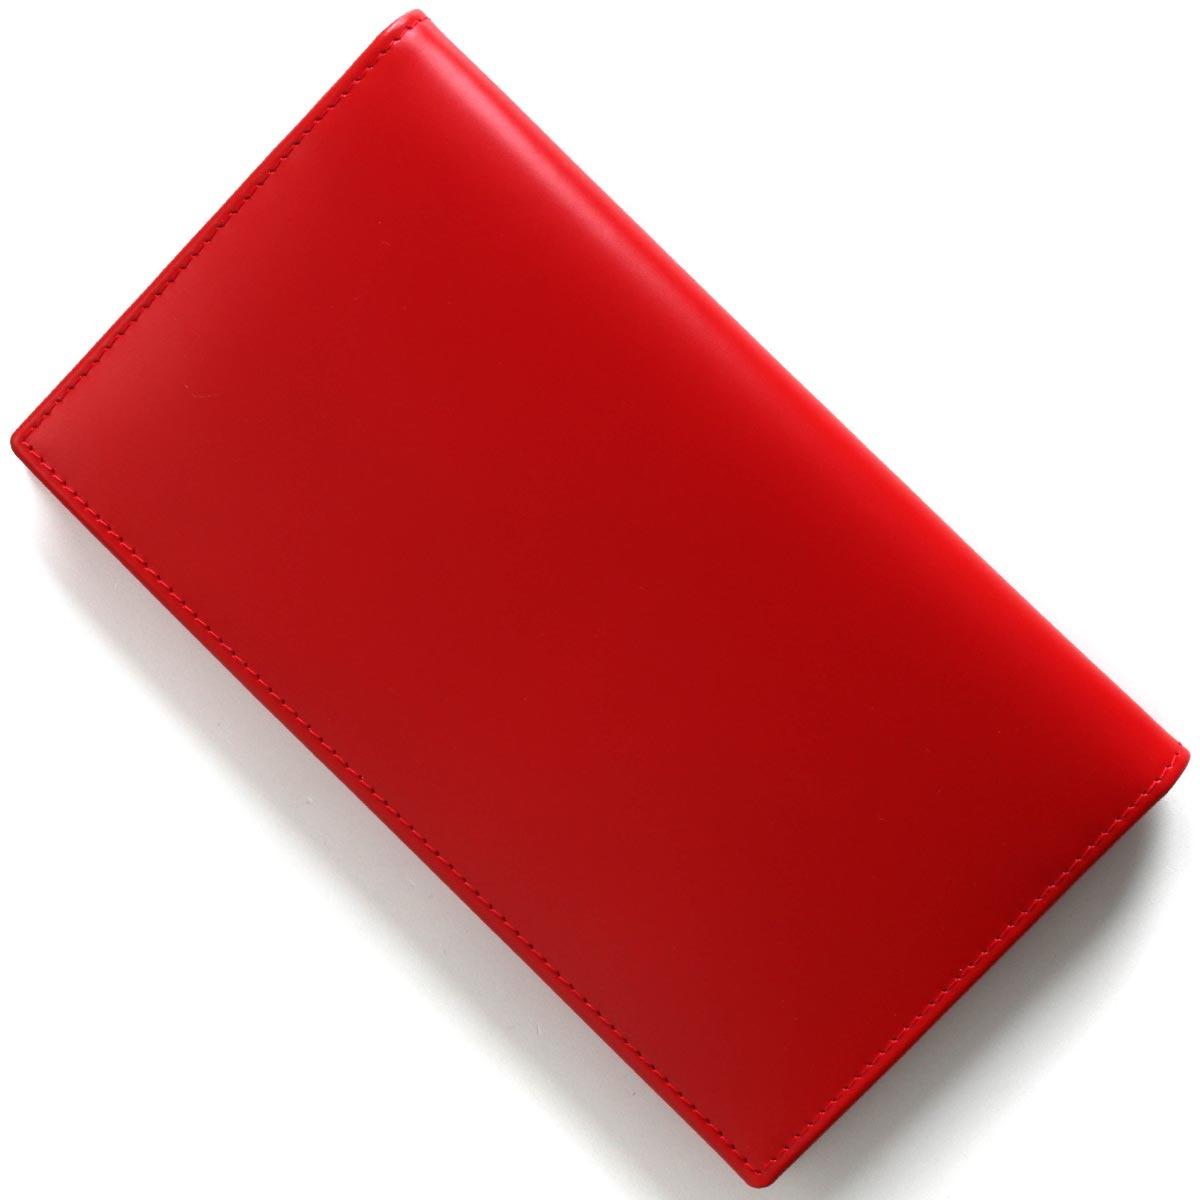 エッティンガー 長財布【札入れ】 財布 メンズ ブライドル レッド&パネルハイドイエロー 806AJR BH RED ETTINGER